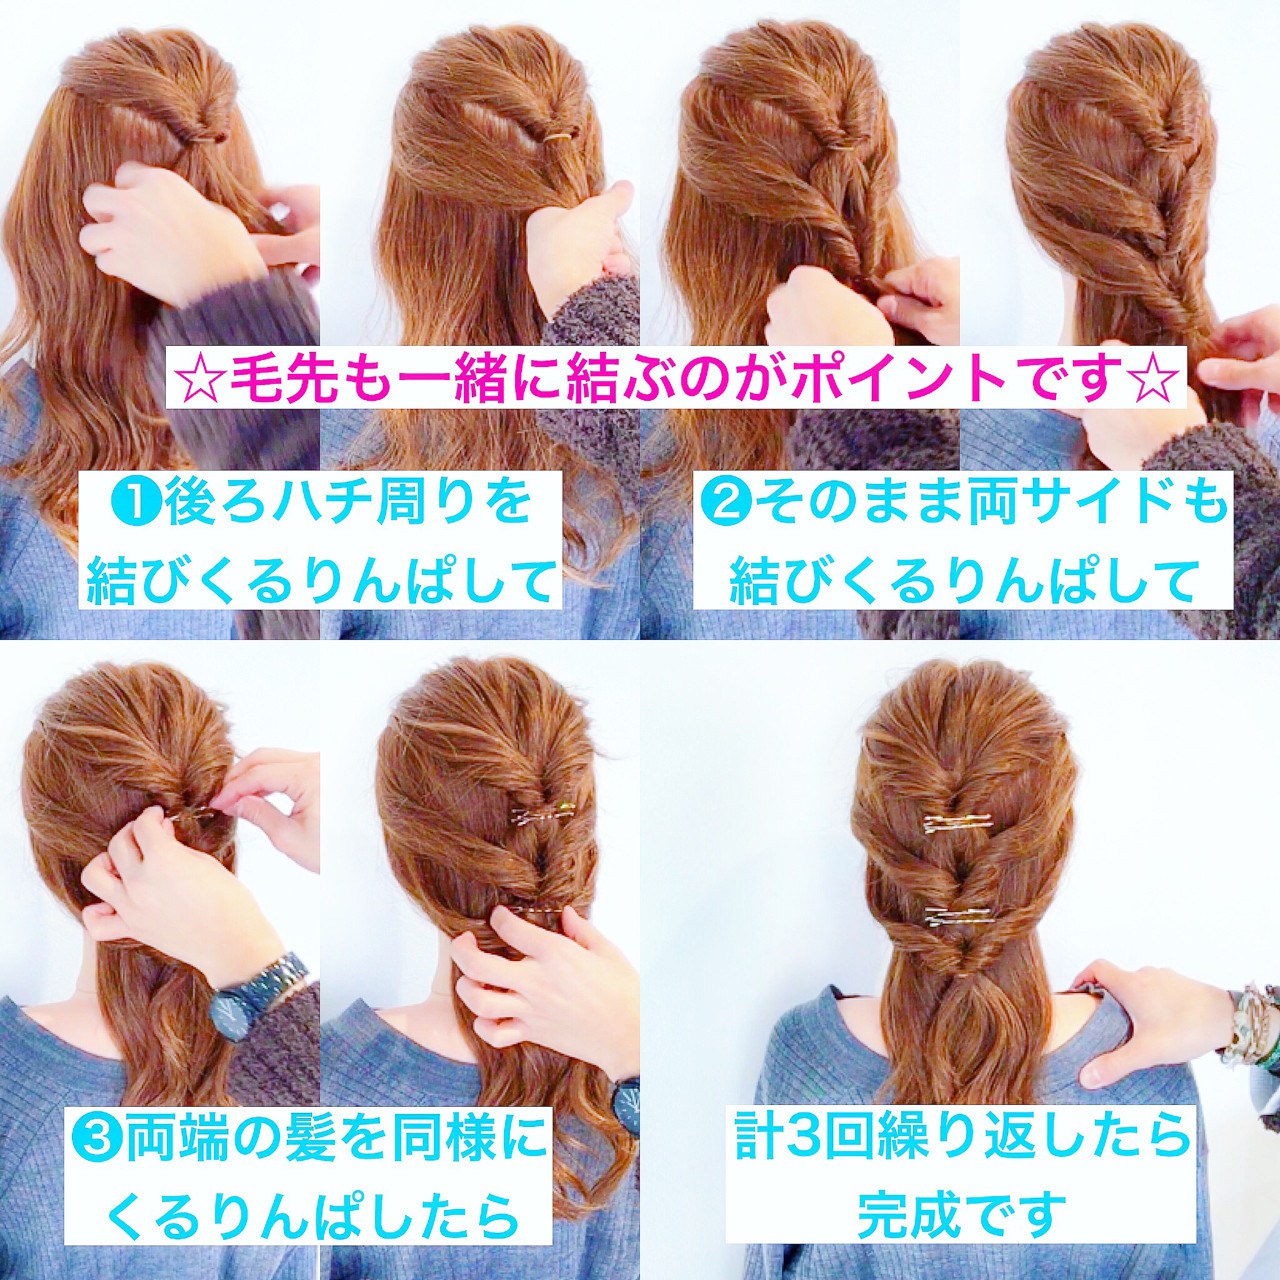 くるりんぱ3回だけ♡テク要らずの可愛いアレンジ 美容師 HIRO